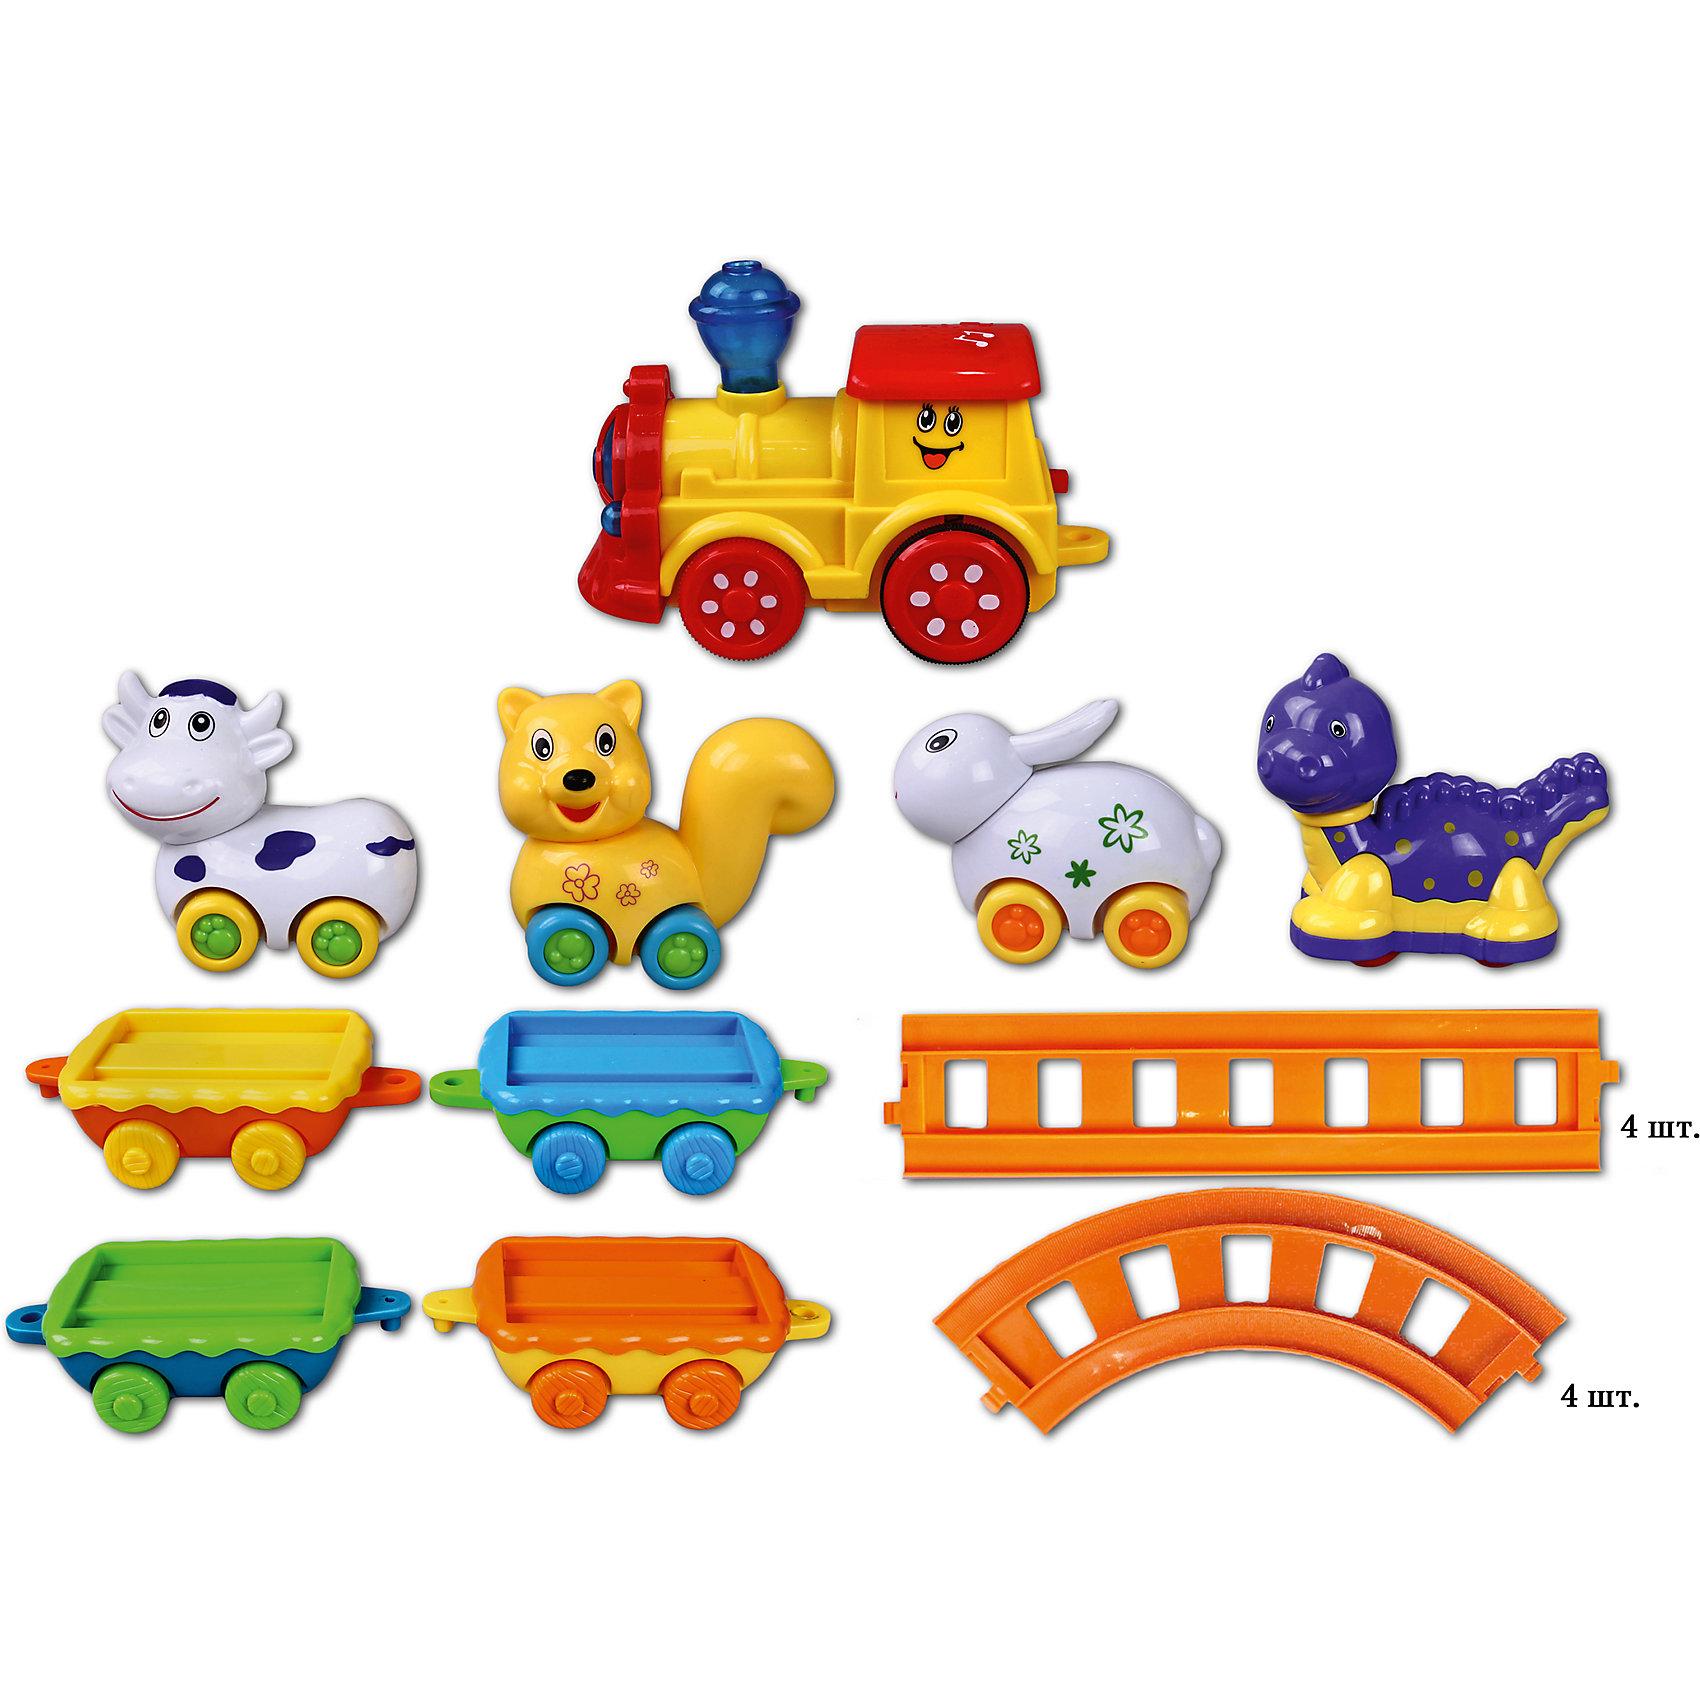 Железная дорога Веселое путешествие, Голубая стрелаЖелезная дорога Веселое путешествие, Голубая стрела.<br><br>Характеристики:<br><br>• Комплектация: красно-желтый паровоз, четыре разноцветных вагона-платформы, четыре фигурки животных, элементы пути (4 прямых, 4 изогнутых)<br>• Размер паровозика: 13,5х6,7х9,3 см.<br>• Собирается в форме: малого овала (63 х61см); большого овала (94,5х41см); круга (диаметр - 41 см); четырехугольника (43х43 см)<br>• Батарейки: 3 типа АА 1,5 V (в комплект не входят)<br>• Материал: пластик<br>• Упаковка: картонная коробка блистерного типа<br>• Размер упаковки: 52х8х36 см.<br><br>Яркая железная дорога «Веселое путешествие» от производителя Голубая стрела – это игрушка для самых маленьких. Забавный паровозик везет за собой четыре вагончика-платформы с фигурками животных: динозаврика, кошечки, коровки и зайчика. У маленьких «пассажиров» есть собственные колесики, поэтому фигурки можно катать по любой поверхности. <br><br>Движение состава по рельсам сопровождается звуковыми и световыми эффектами. Железная дорога собирается в форме малого овала, большого овала, круга или четырехугольника. Играя с железной дорогой «Веселое путешествие», ребенок знакомится с цветом, разовьет мелкую моторику рук, координацию движений, воображение и тактильные ощущения. <br> <br>Железную дорогу Веселое путешествие, Голубая стрела можно купить в нашем интернет-магазине.<br><br>Ширина мм: 515<br>Глубина мм: 360<br>Высота мм: 80<br>Вес г: 1475<br>Возраст от месяцев: 36<br>Возраст до месяцев: 2147483647<br>Пол: Мужской<br>Возраст: Детский<br>SKU: 5400242